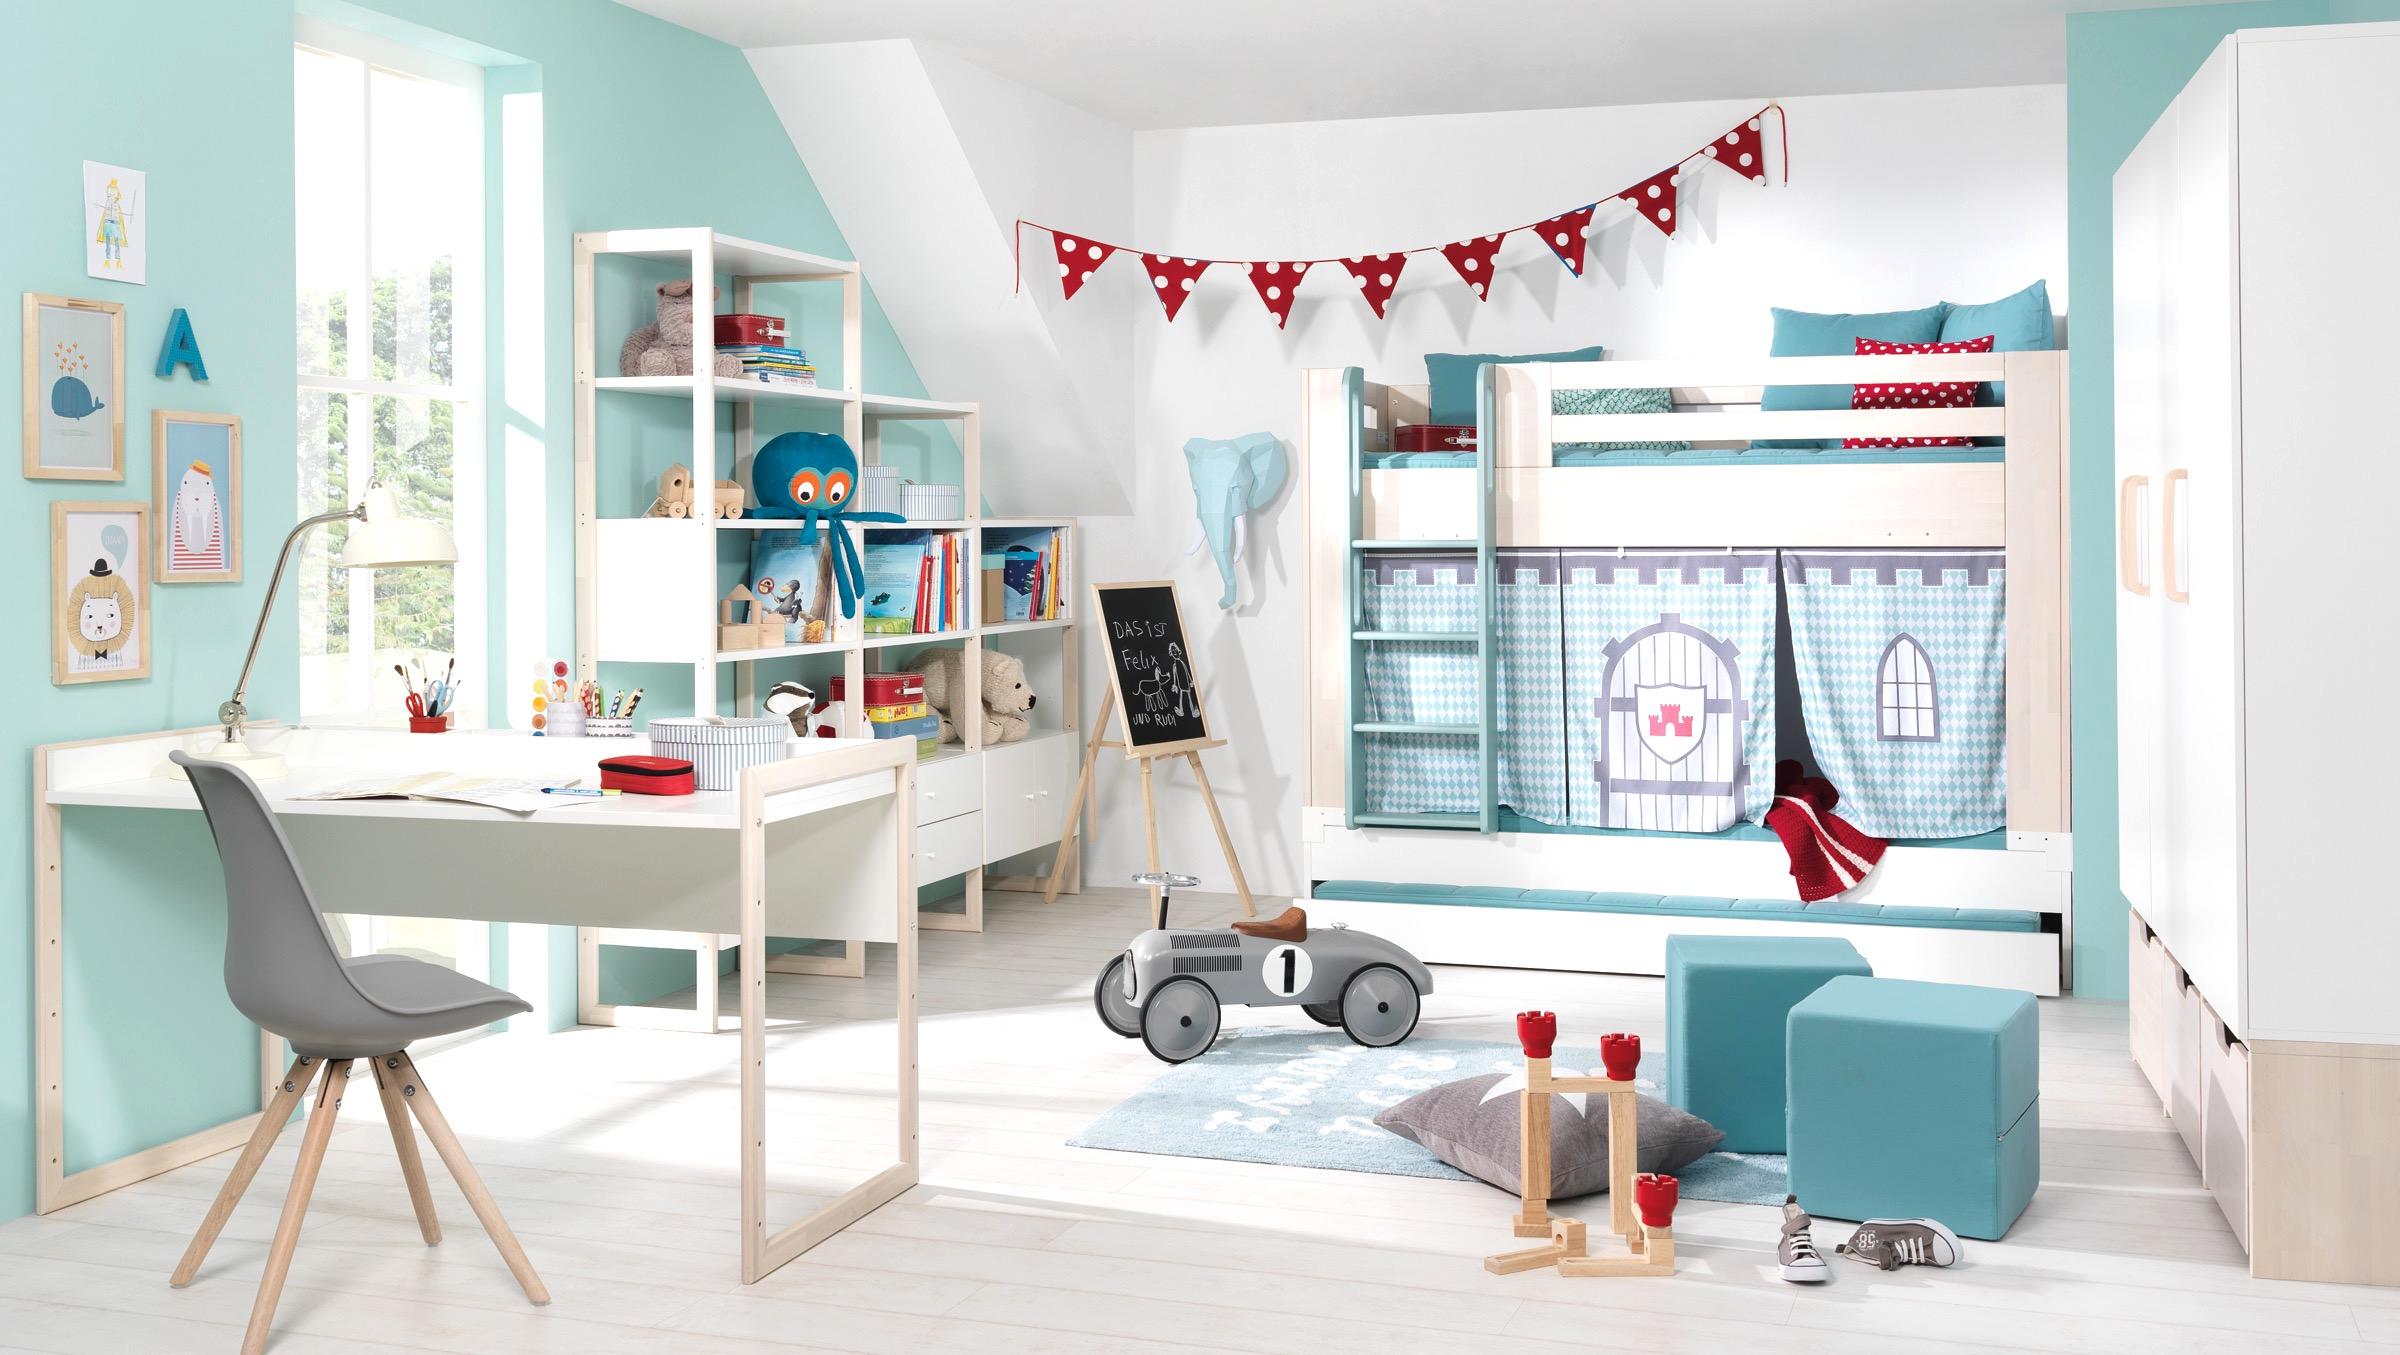 Mädche Und Junges In Ein Zimmer Einrichten Exquisit On Andere Beabsichtigt Kinderzimmer Gestalten Junge Mädchen Galerie Plus 8